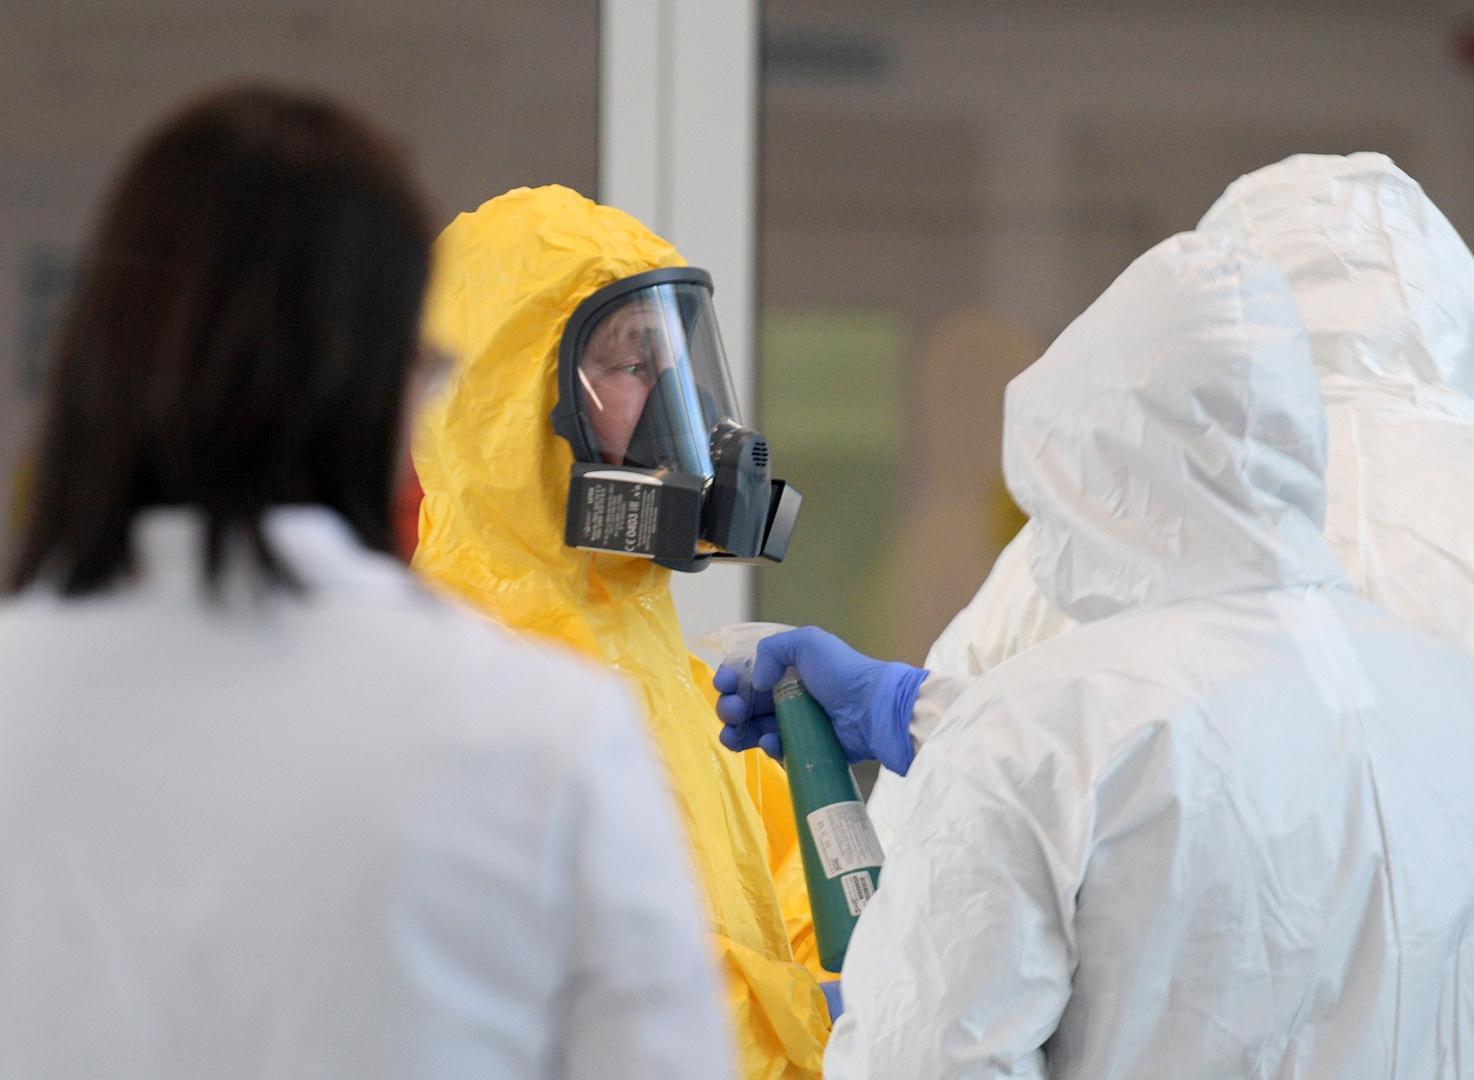 الرئيس الروسي فلاديمير بوتين يرتدي بدلة واقية خلال زيارة إلى مستشفى مخصص للمصابين بفيروس كورونا في ضواحي موسكو